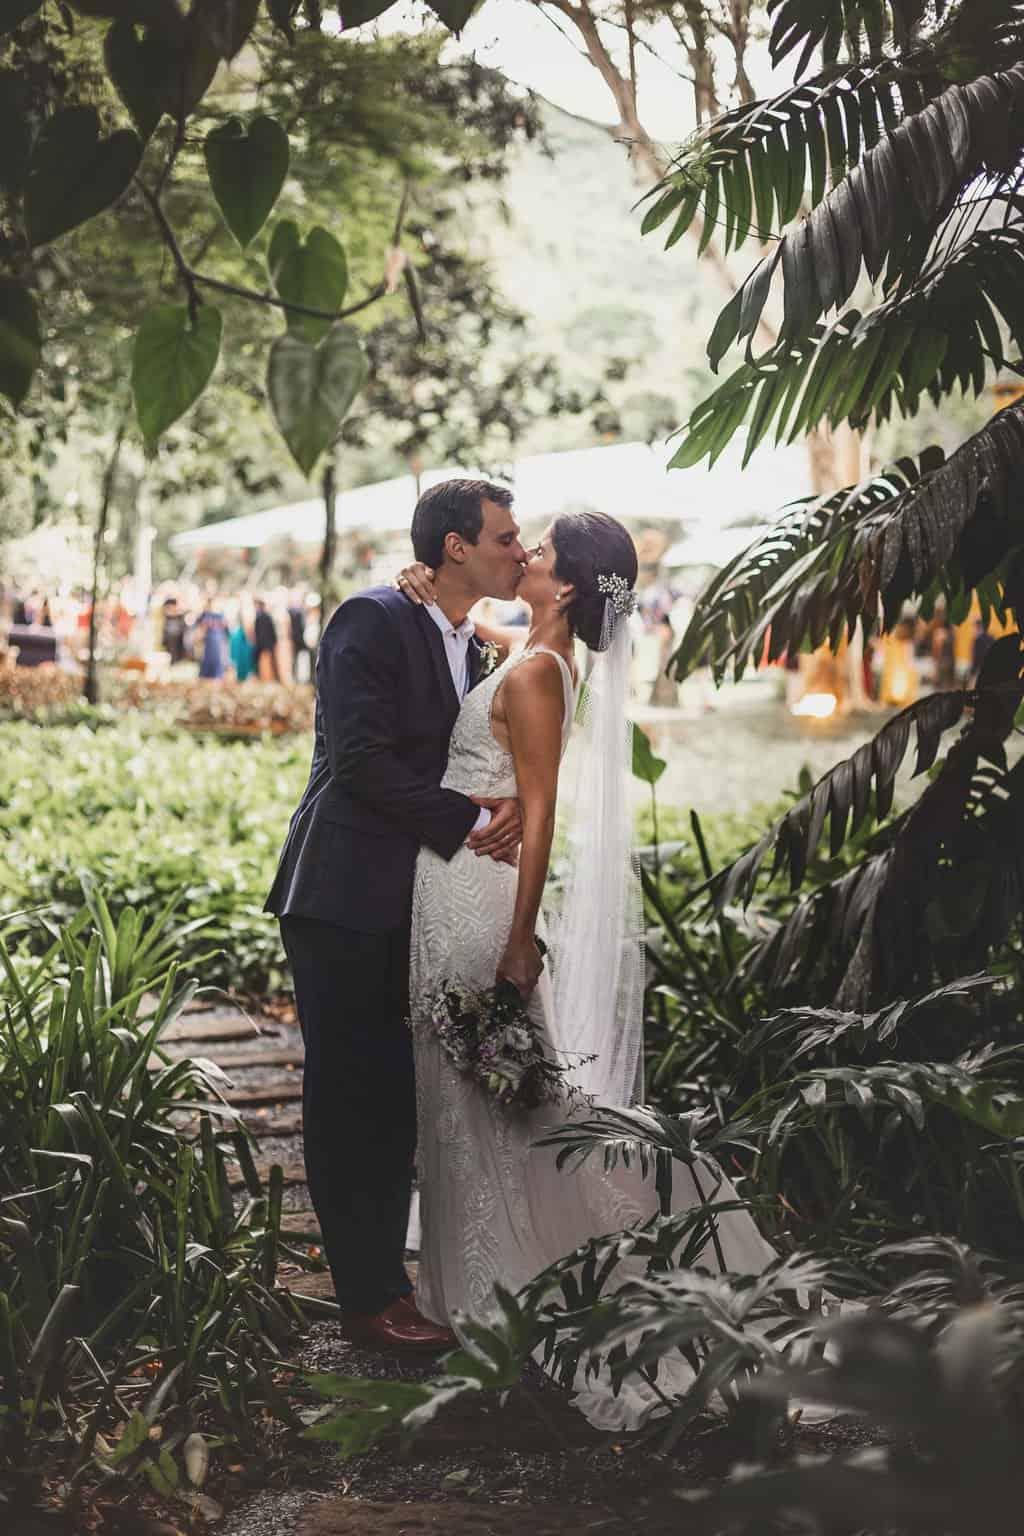 casamento-Ana-Cecilia-e-Leonardo-casamento-na-serra-foto-dos-noivos-graviola-filmes-graviolafilmes-laura-camapnella-de-siervi-lauracampanella-studio-laura-camapnella2